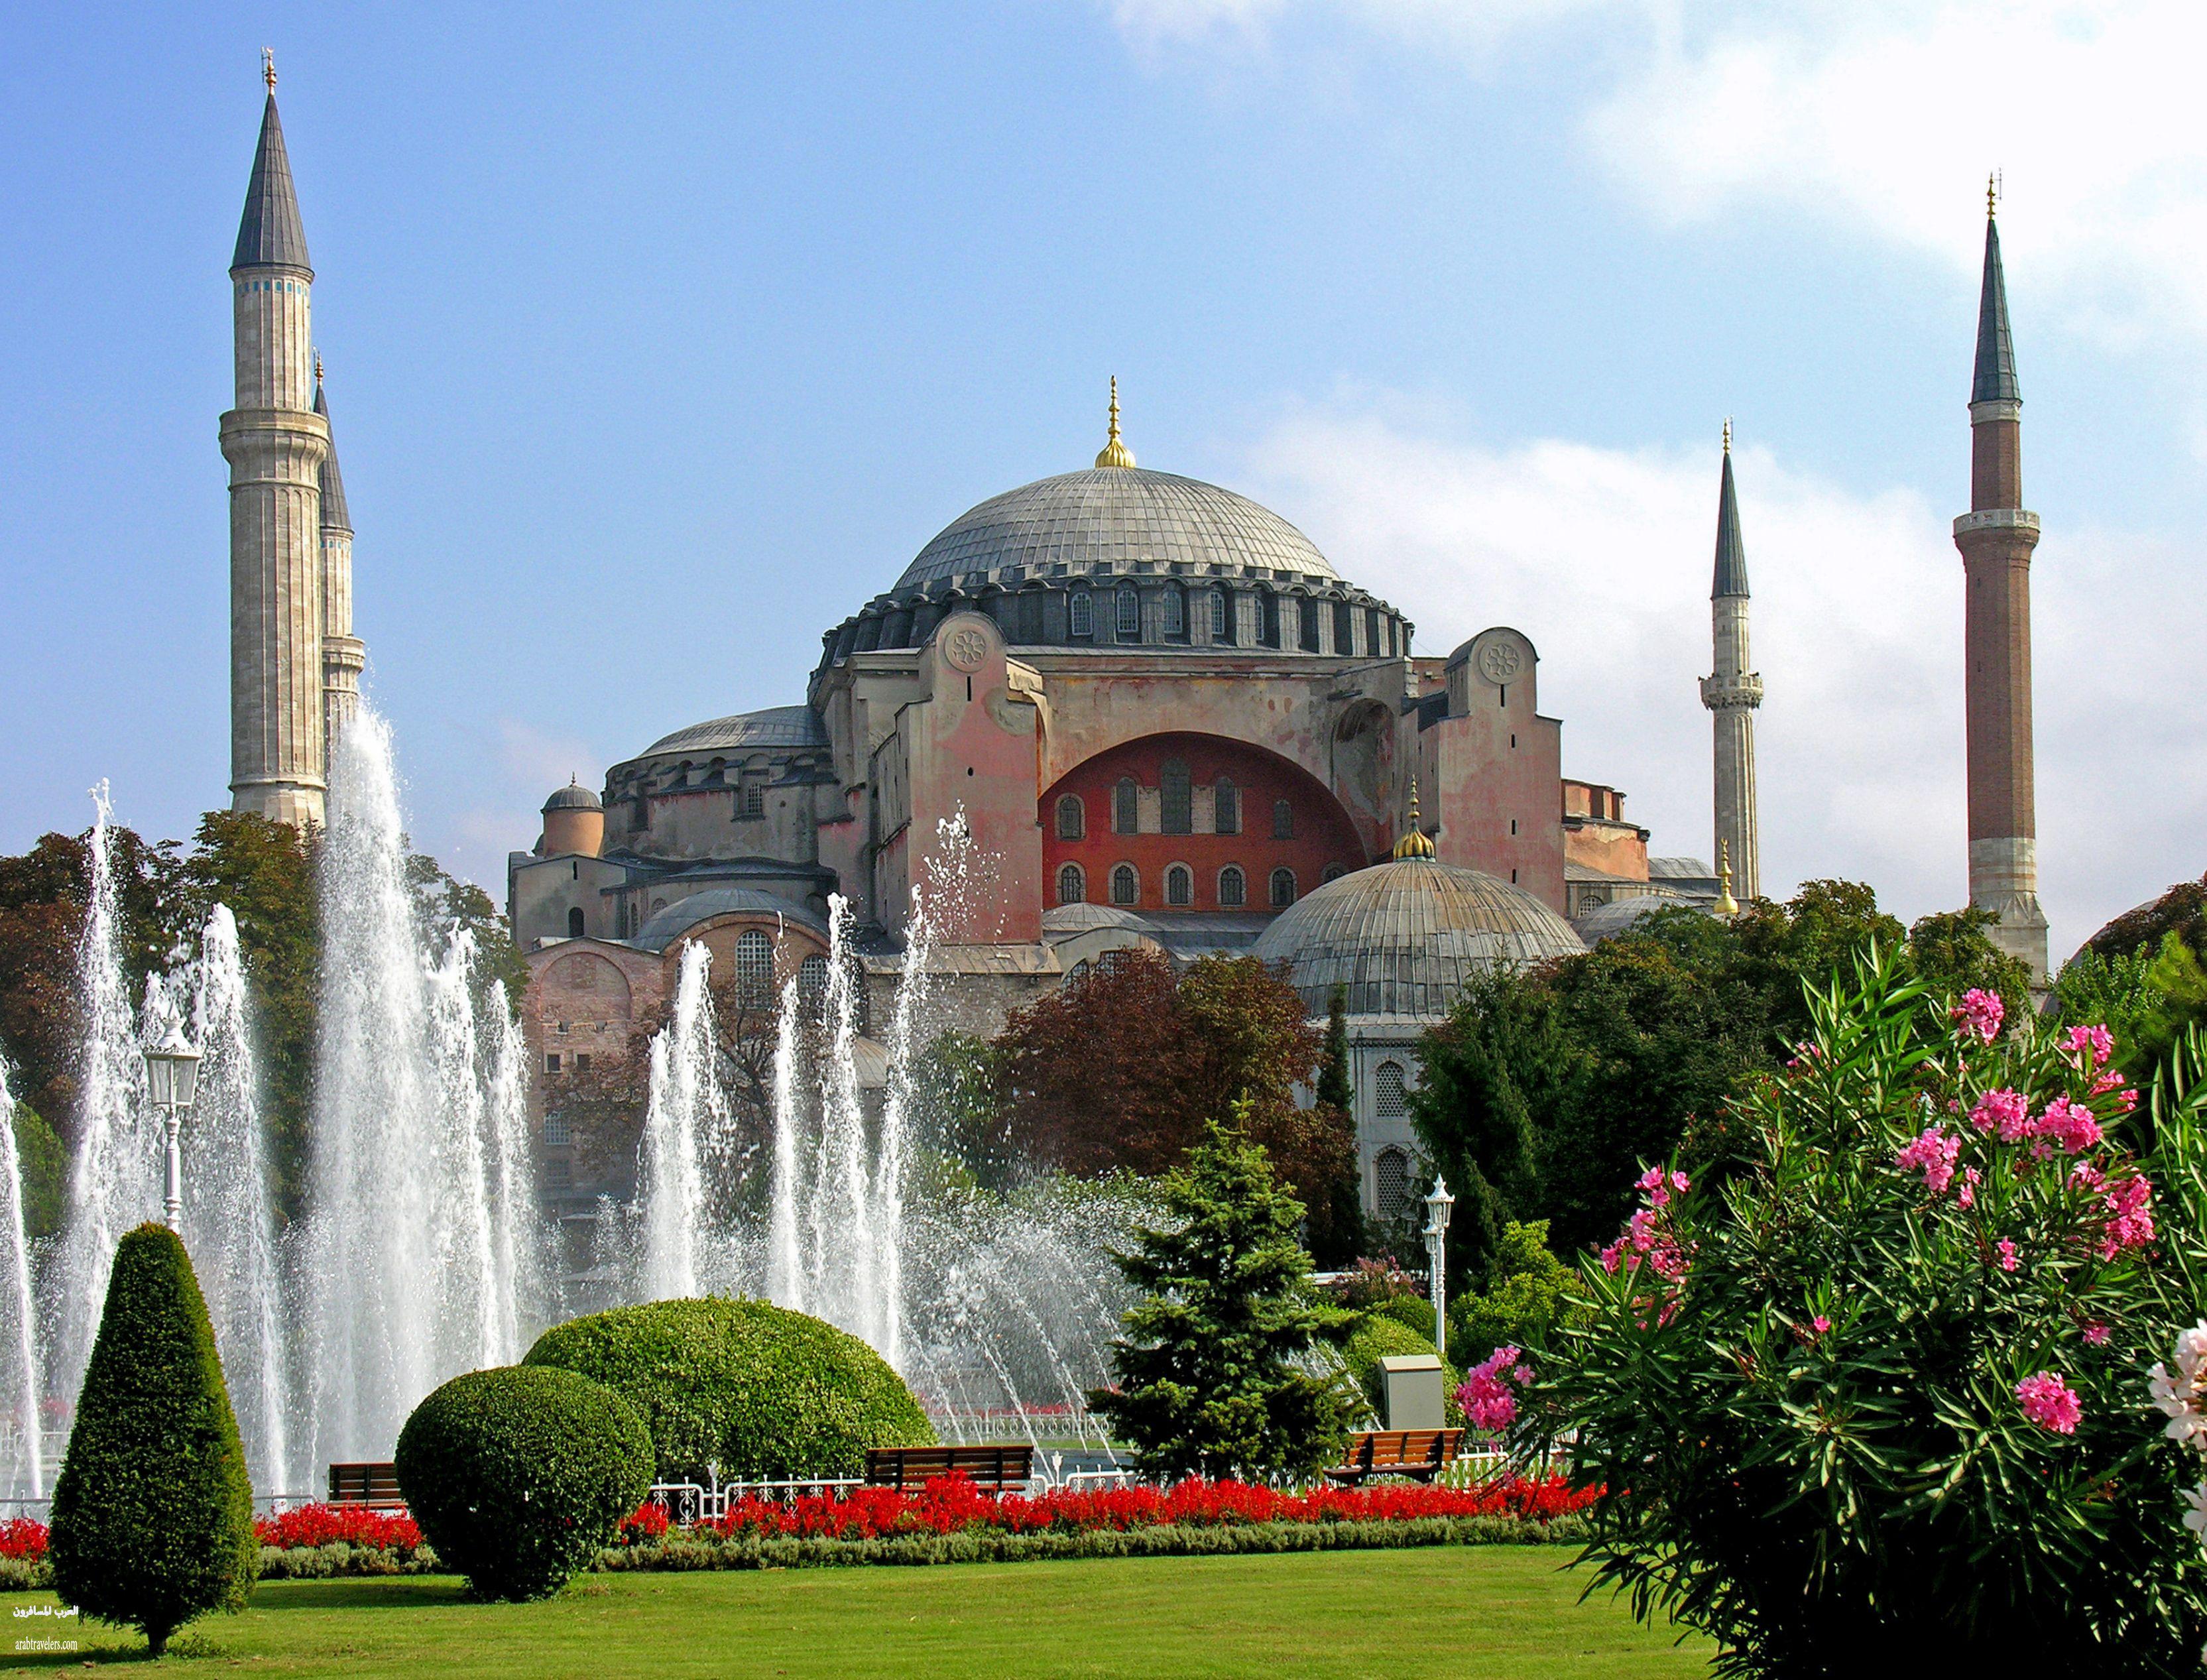 بالصور اجمل صور تركيات , احدث واحلى صور تركيا 11627 7